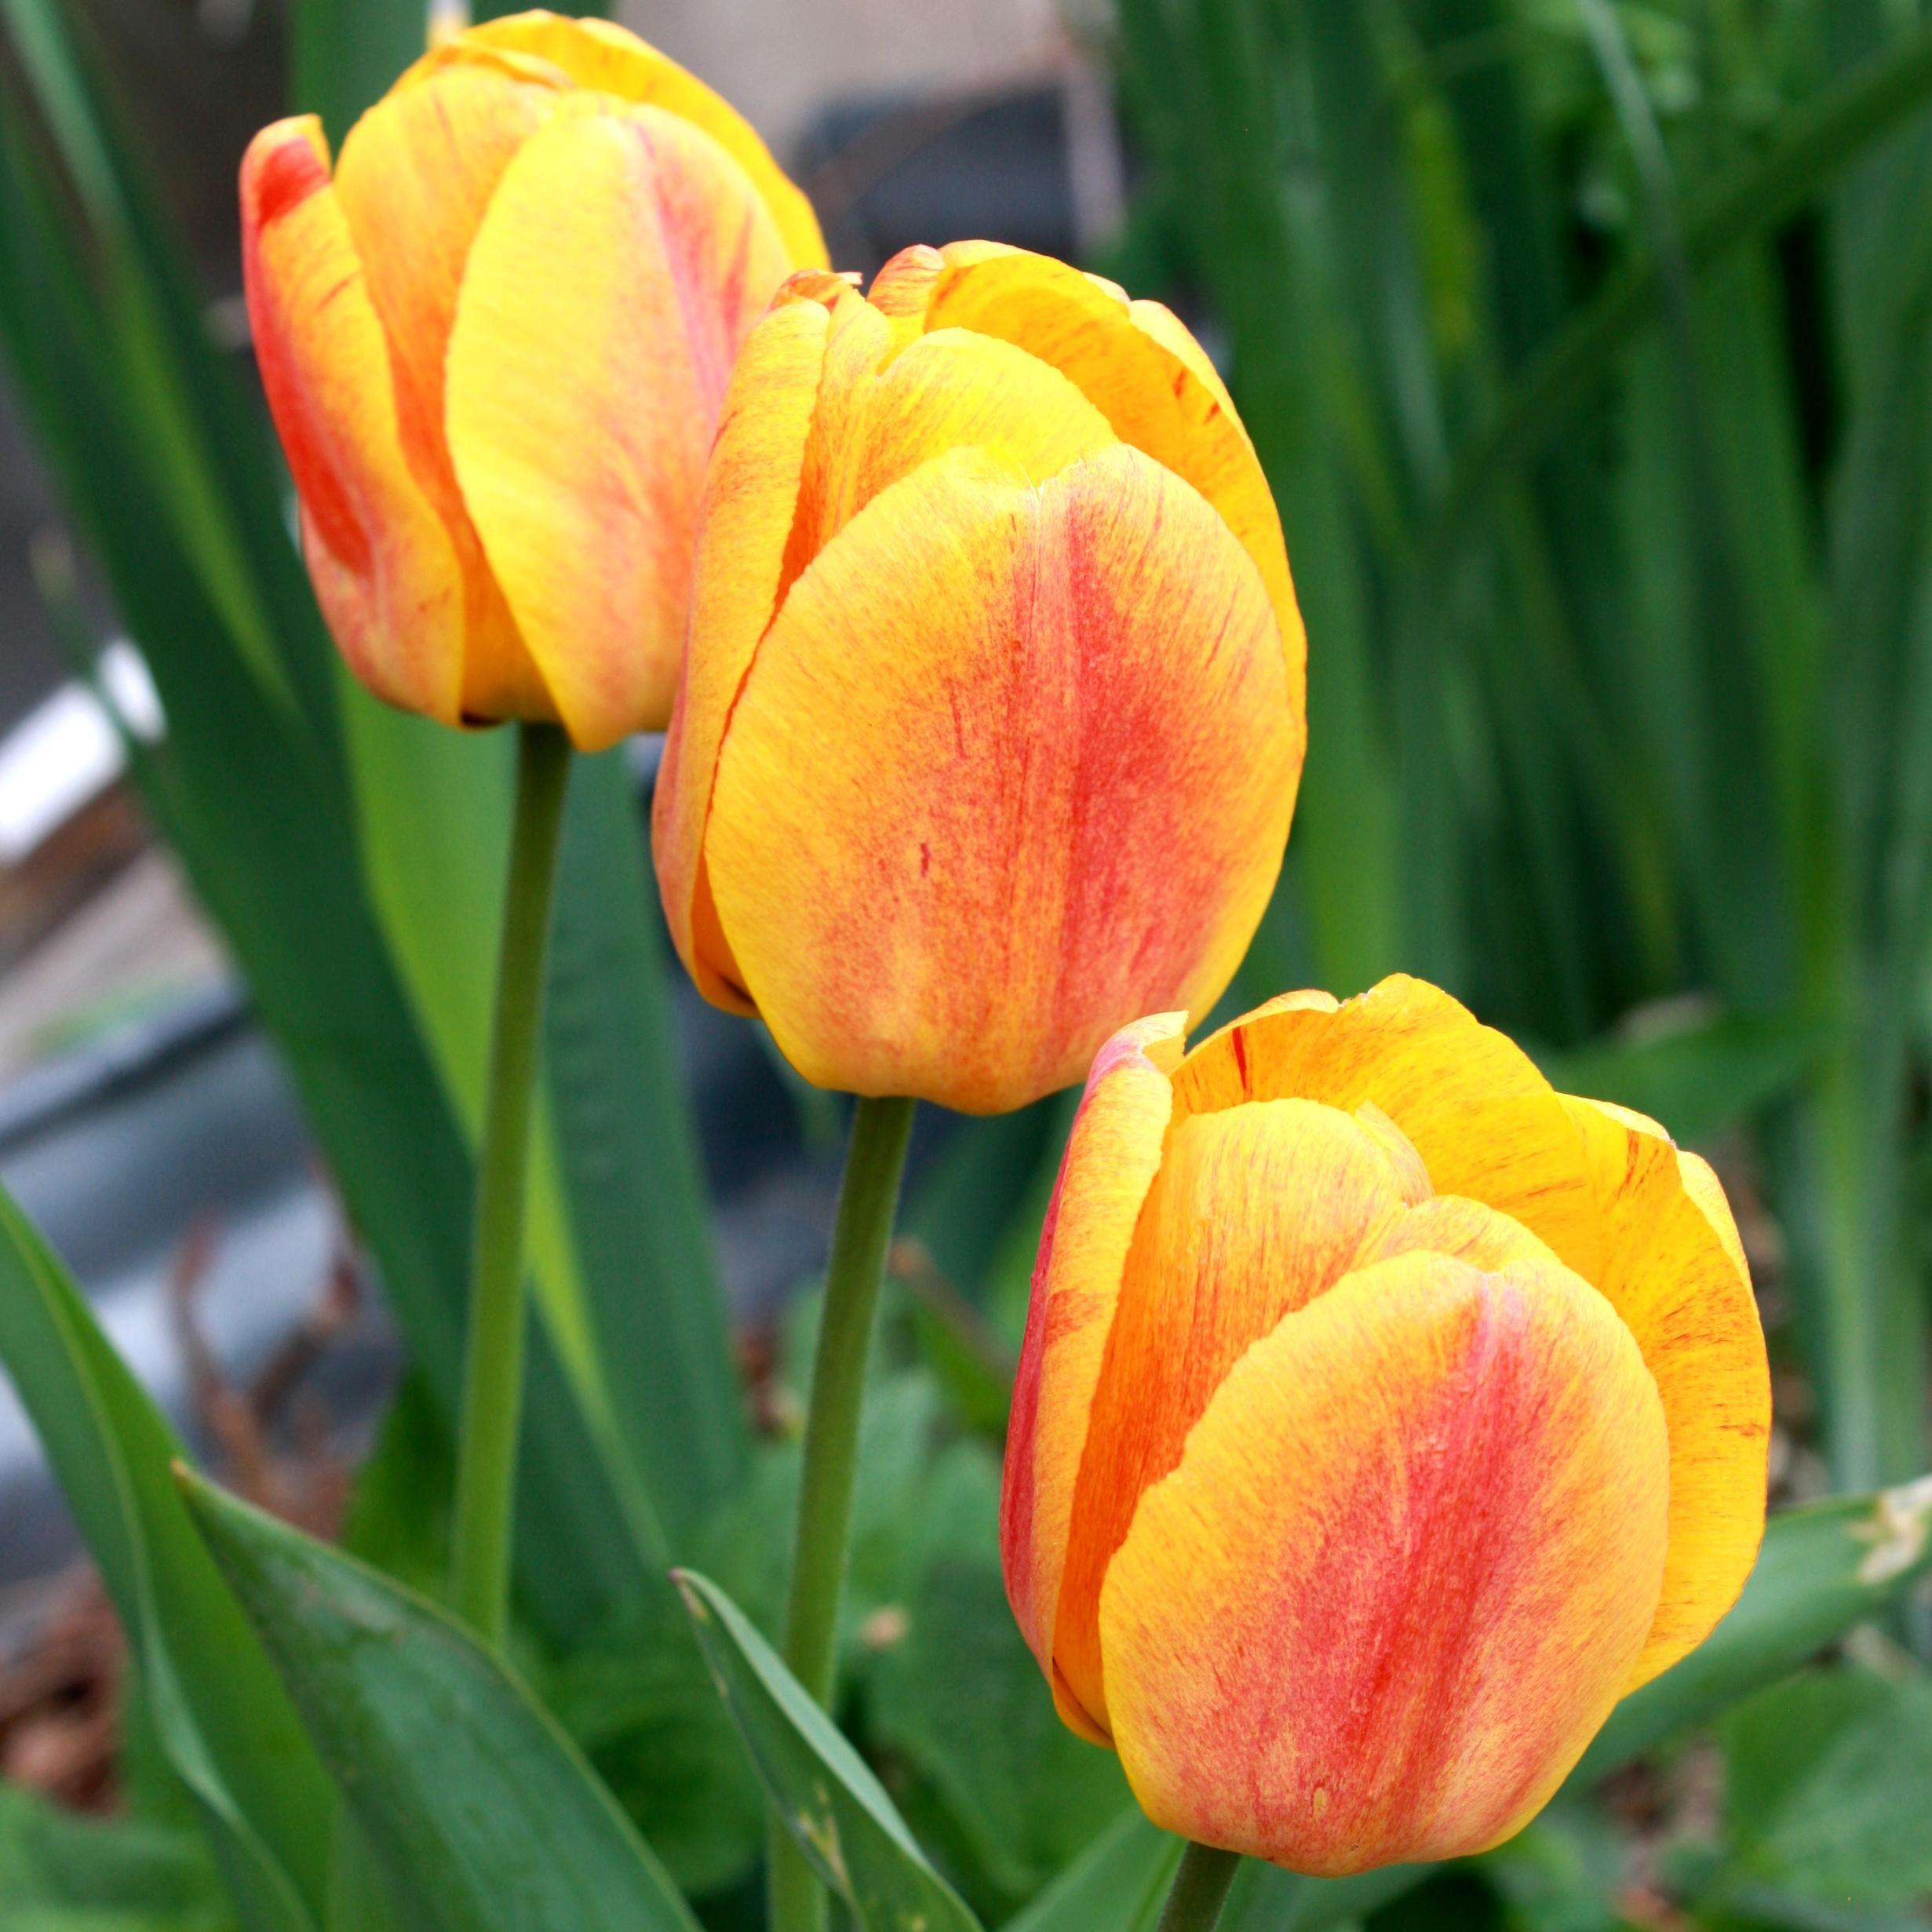 Gambar Gratis Tiga Bunga Kuning Api Bunga Bunga Tulip